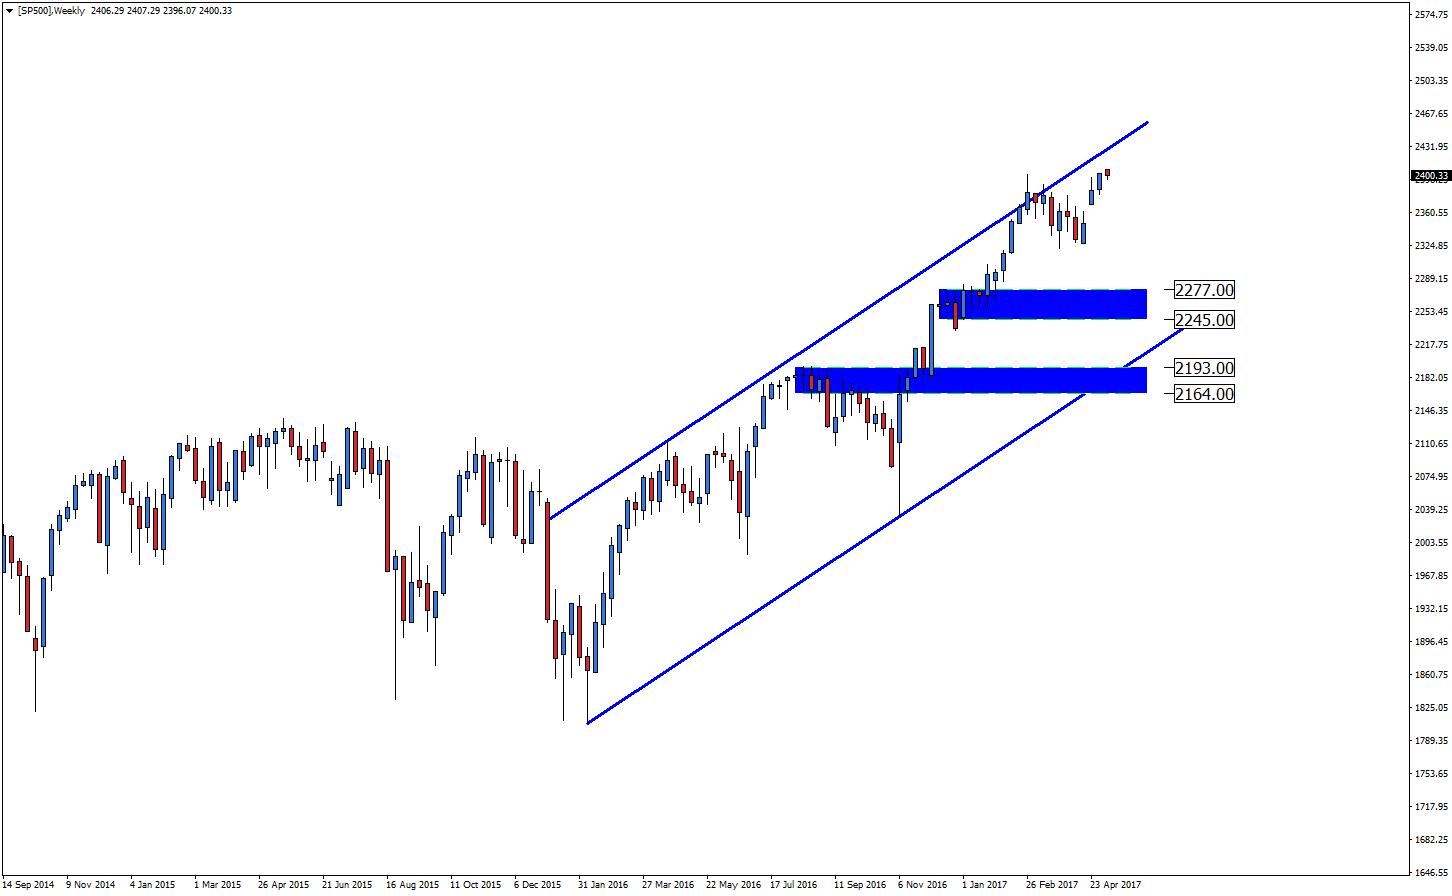 Notowania S&P 500, wykres tygodniowy